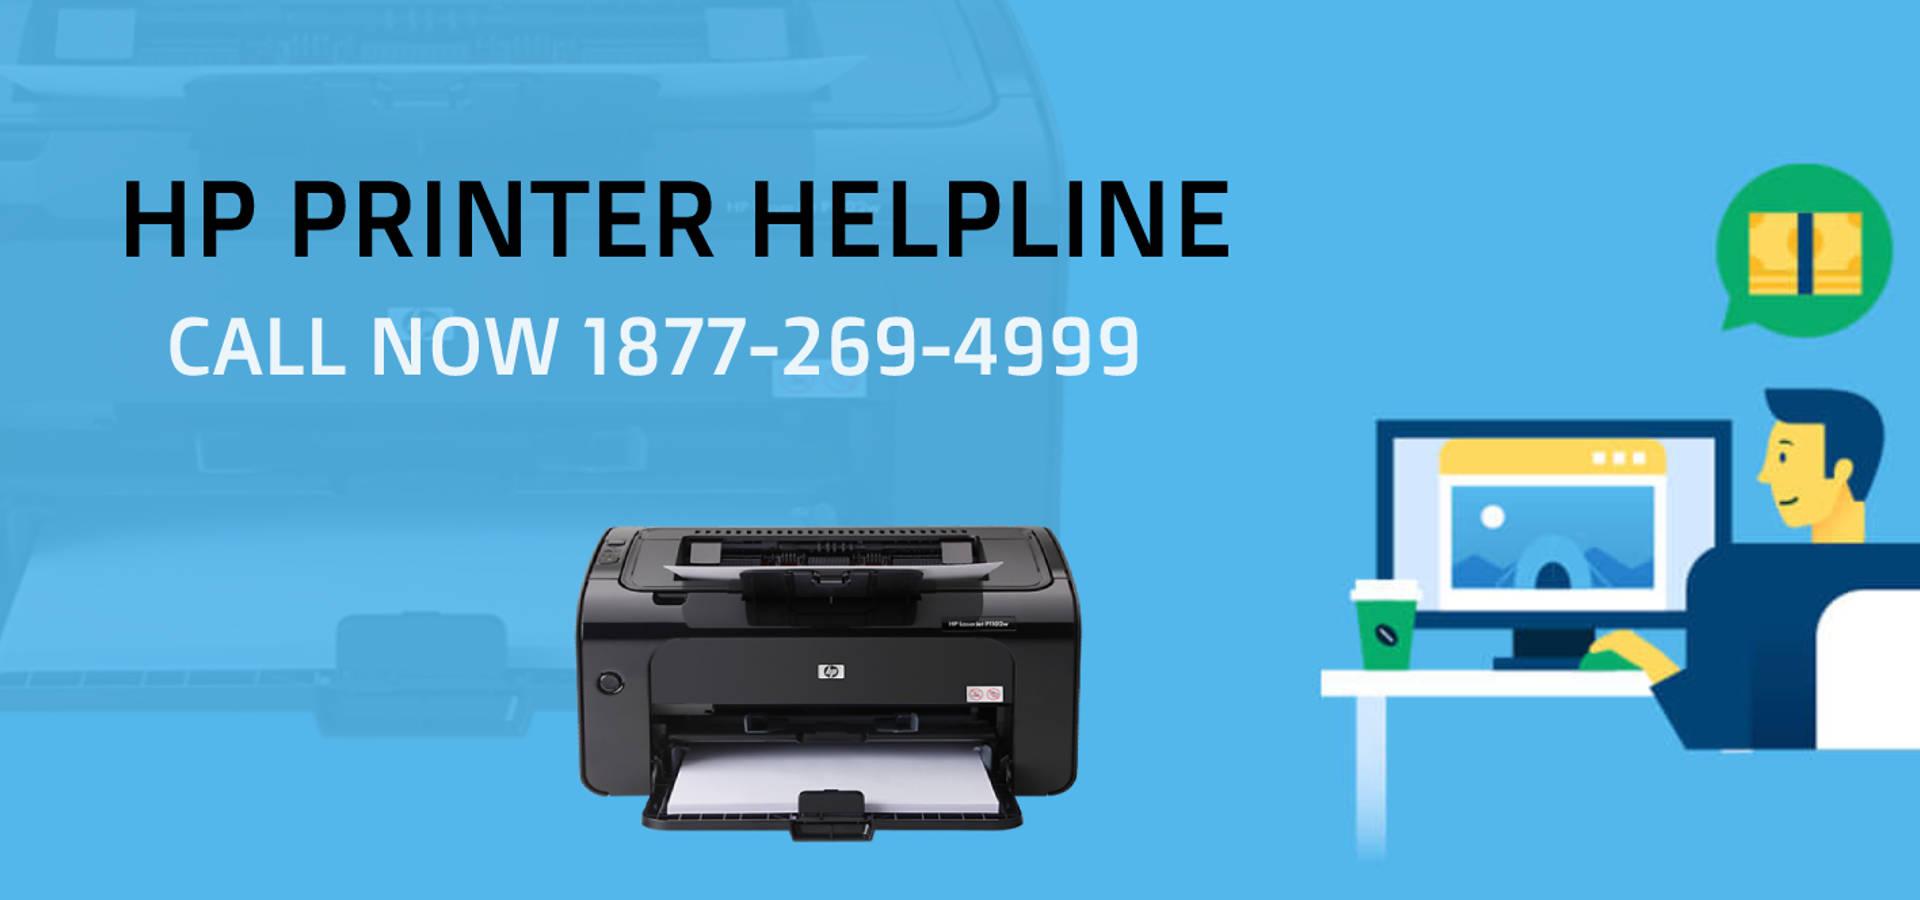 HP Printer Customer Care Number 1877-269-4999